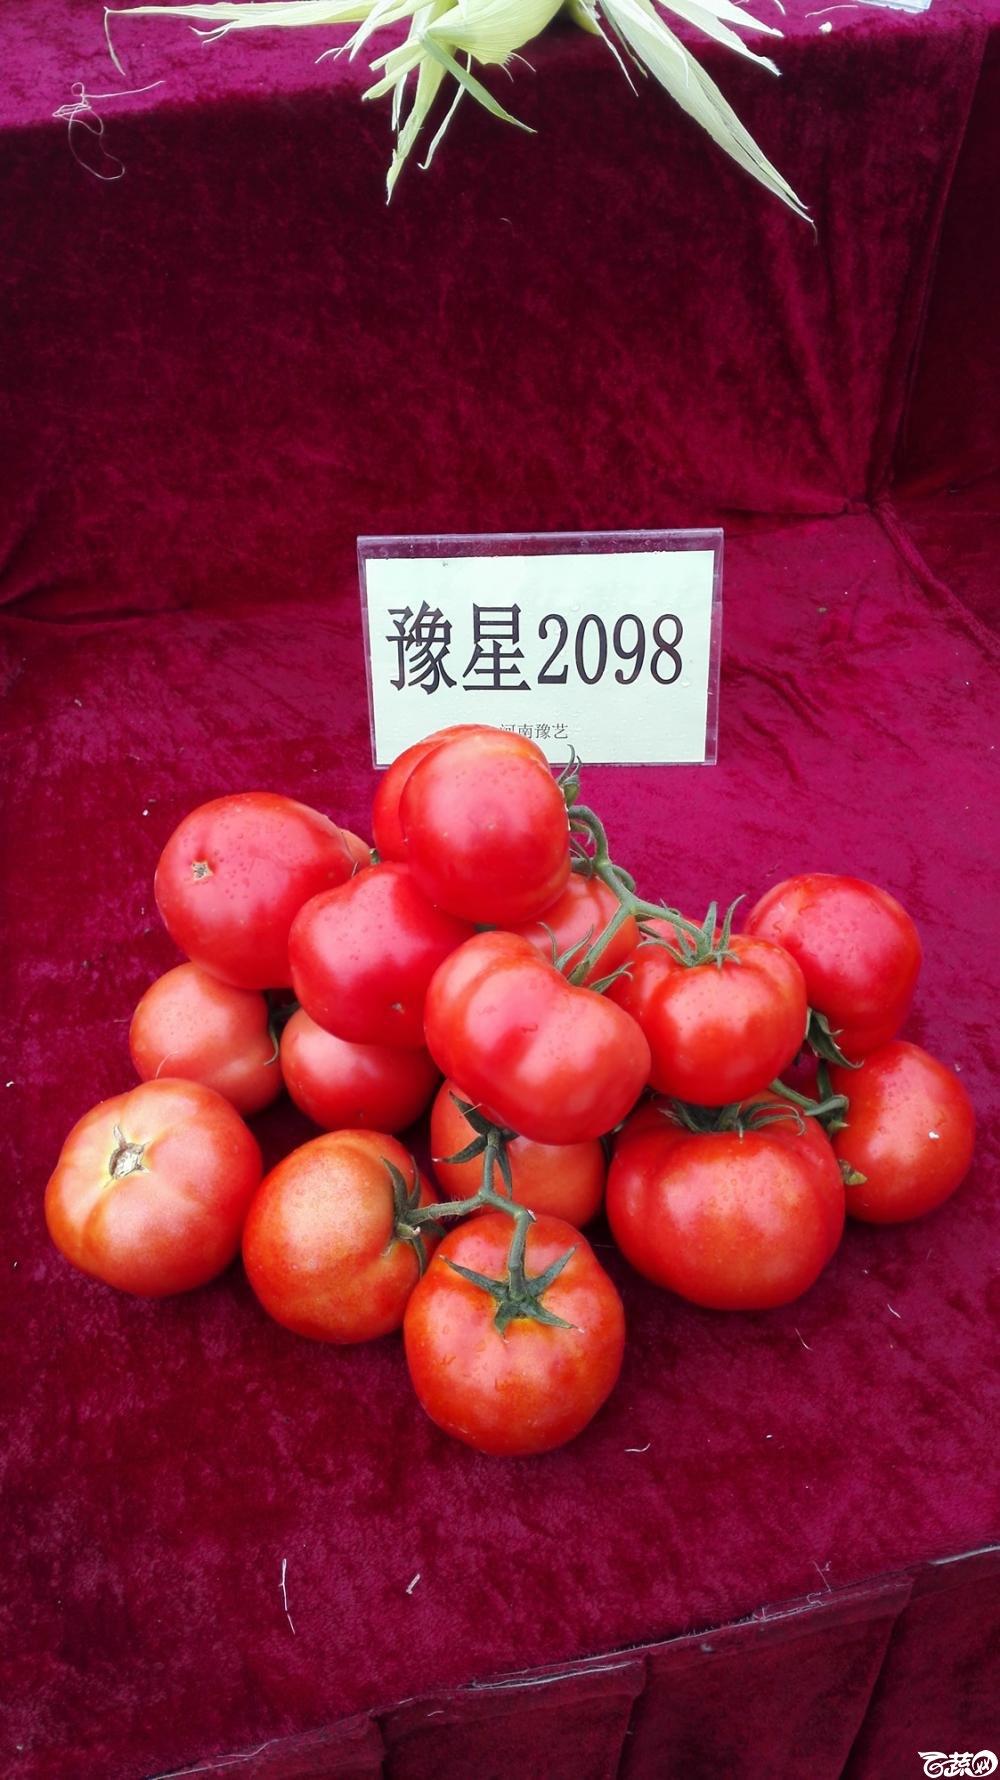 2014年12月8号中山蔬菜新品种展示会_番茄_011.jpg